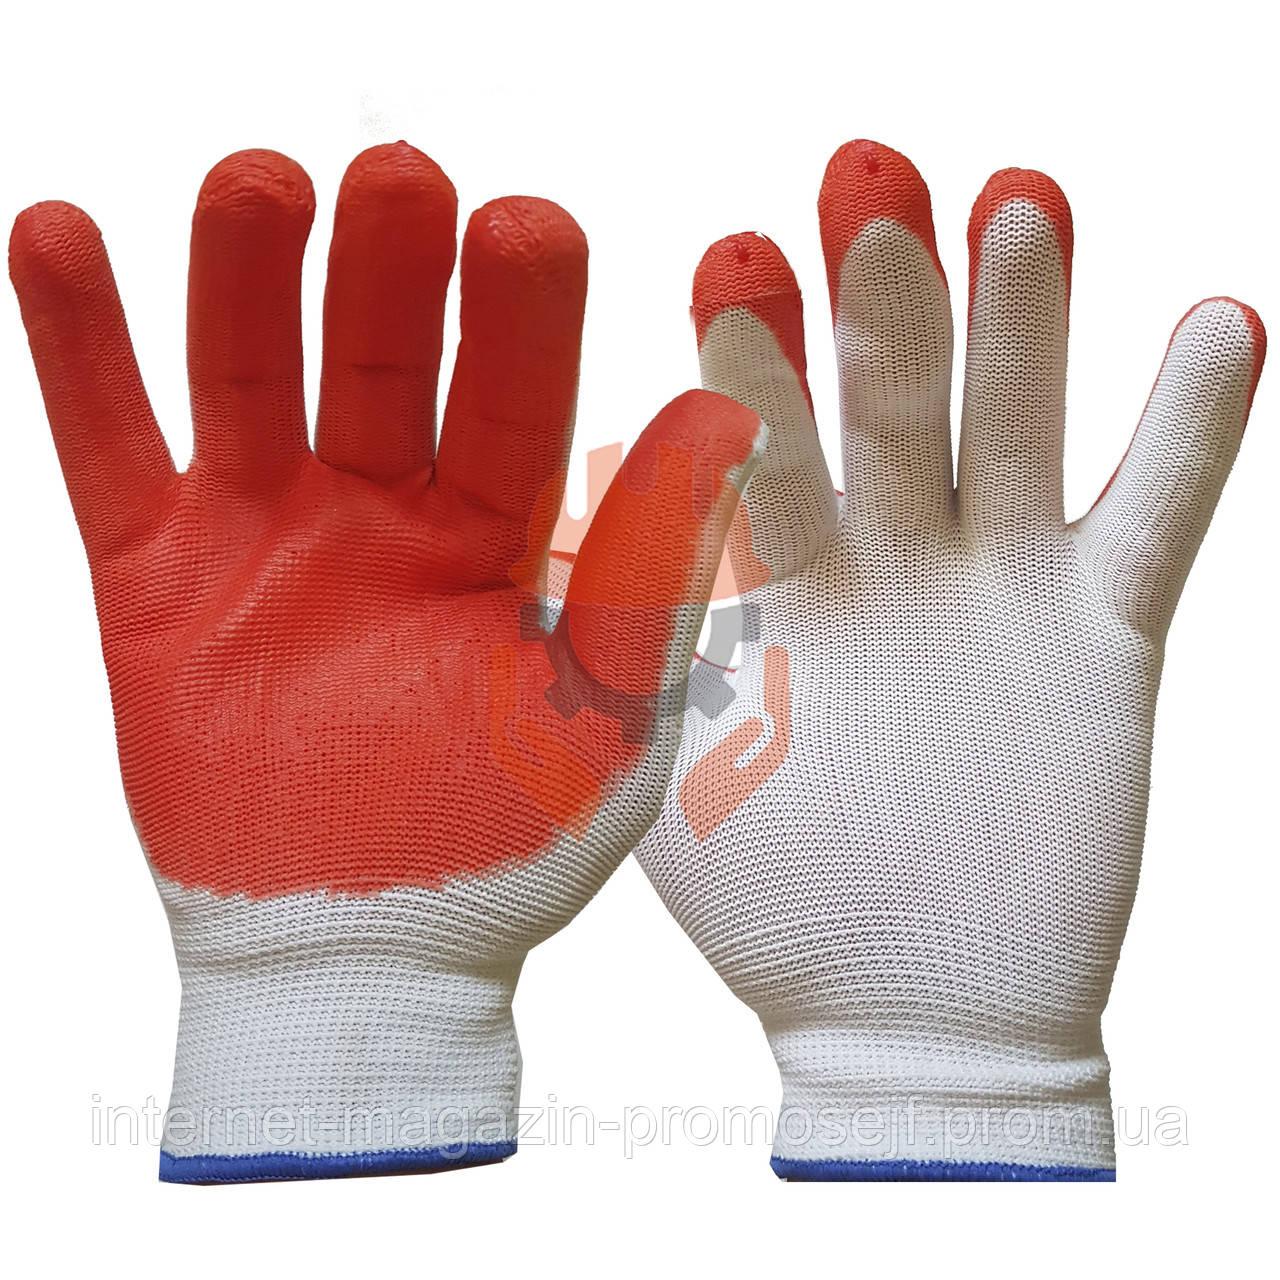 Перчатки нитриловые стрейчевые Оранжевый